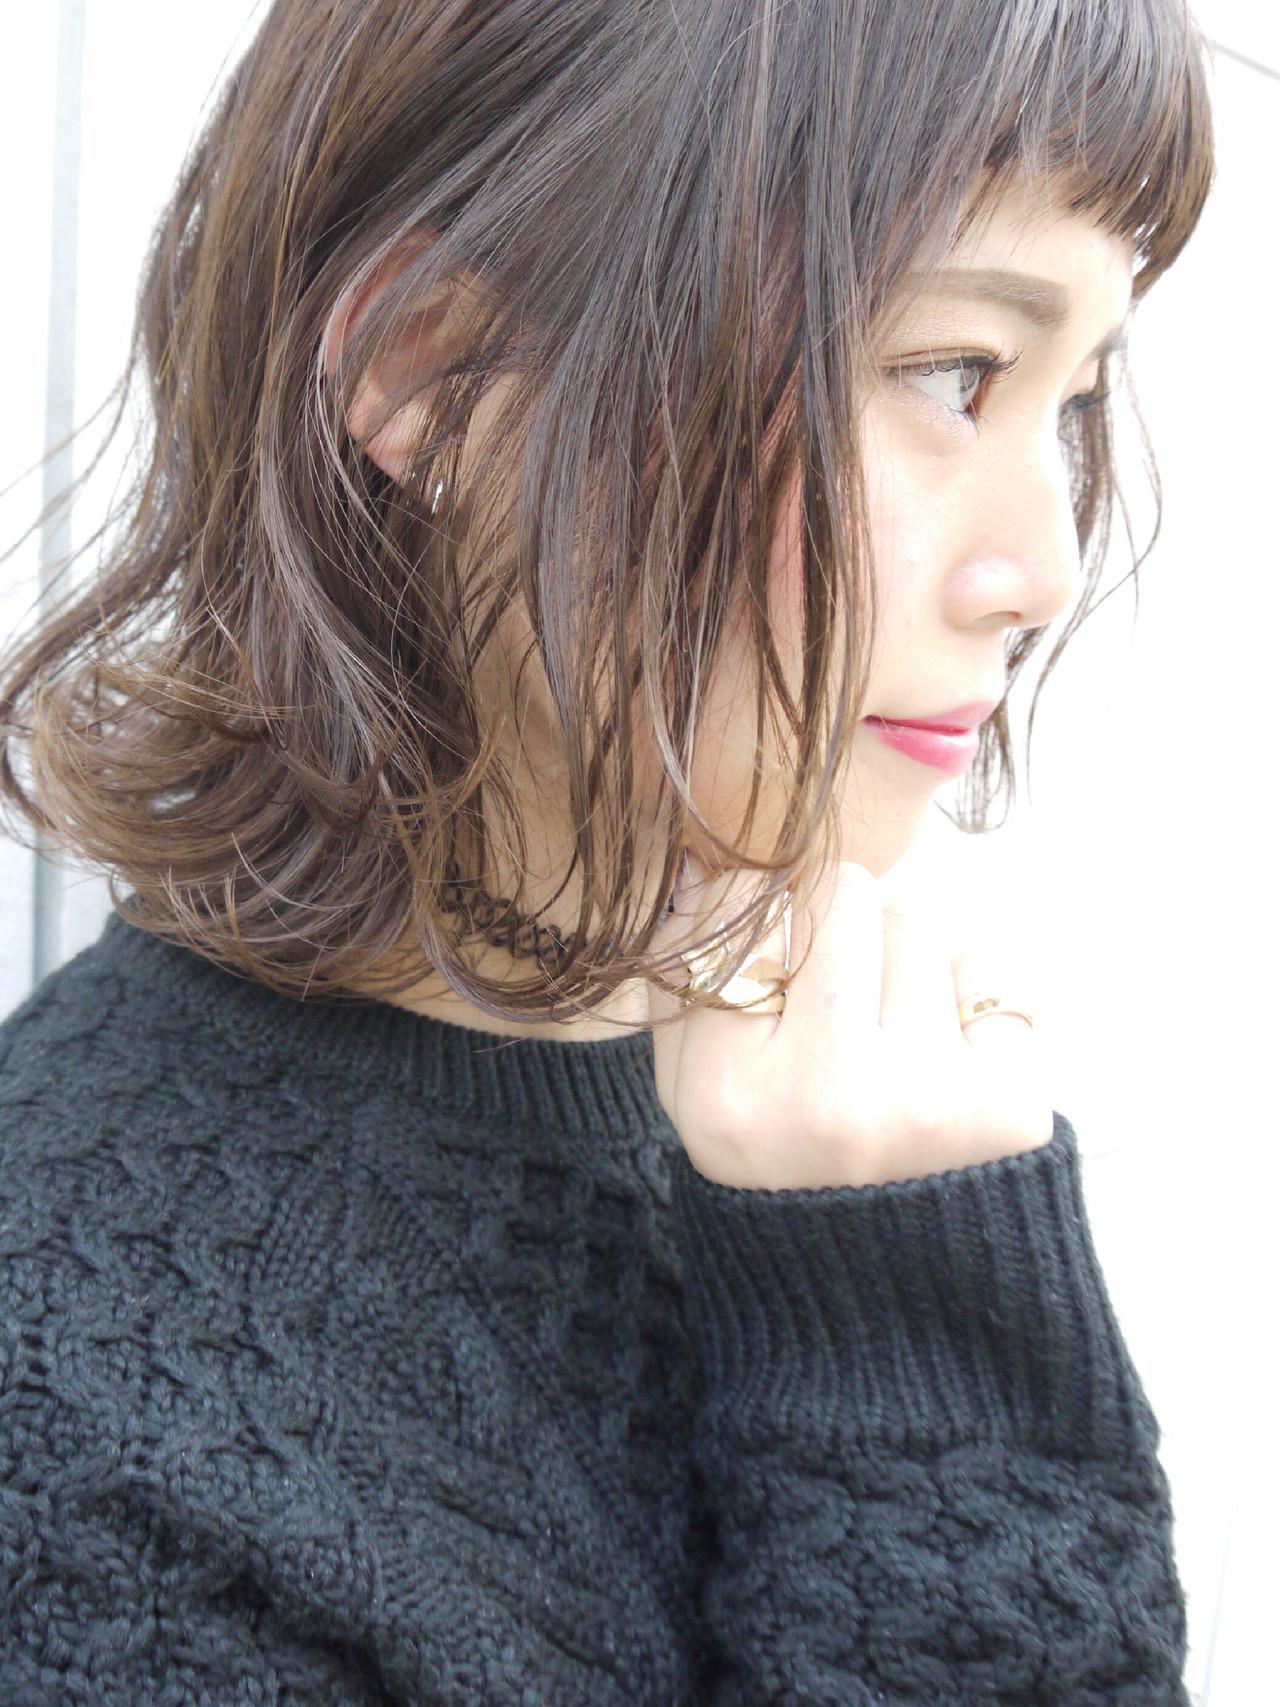 アウトドア ヘアアレンジ アンニュイほつれヘア デート ヘアスタイルや髪型の写真・画像 | Hiroさん / モリオフロムロンドン原宿本店